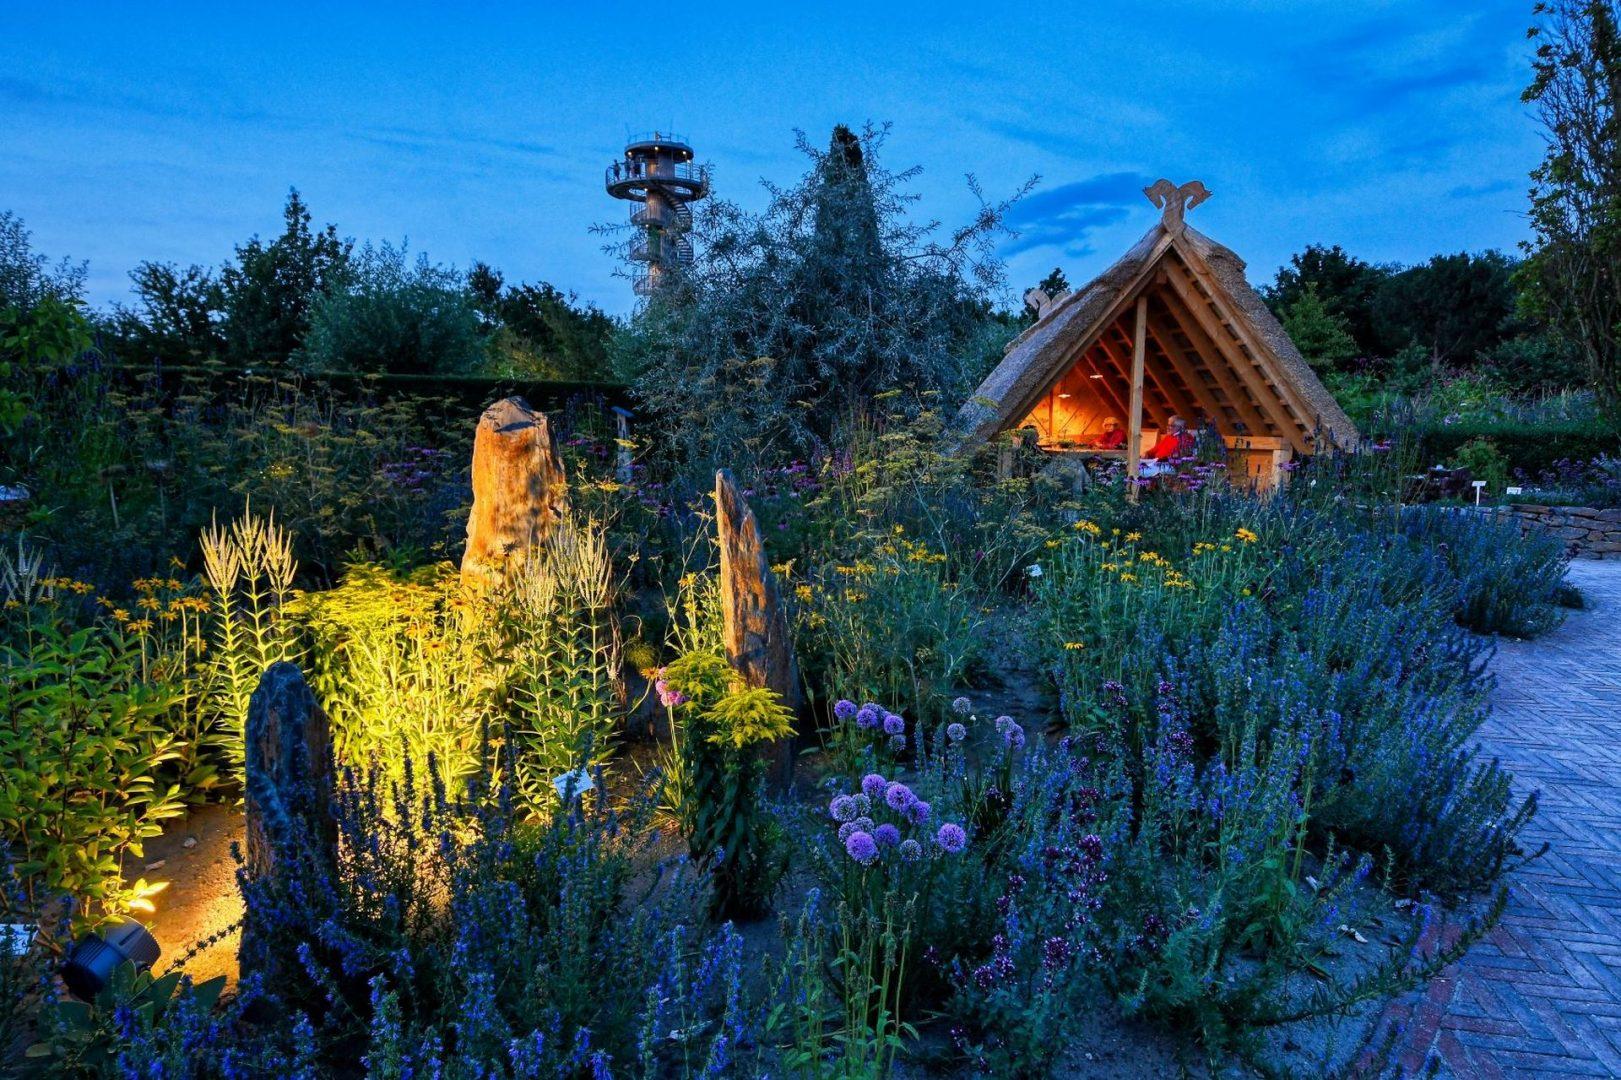 Park der Gärten Reetdach Pavillon Insektenfreundlich Bad Zwischenahn